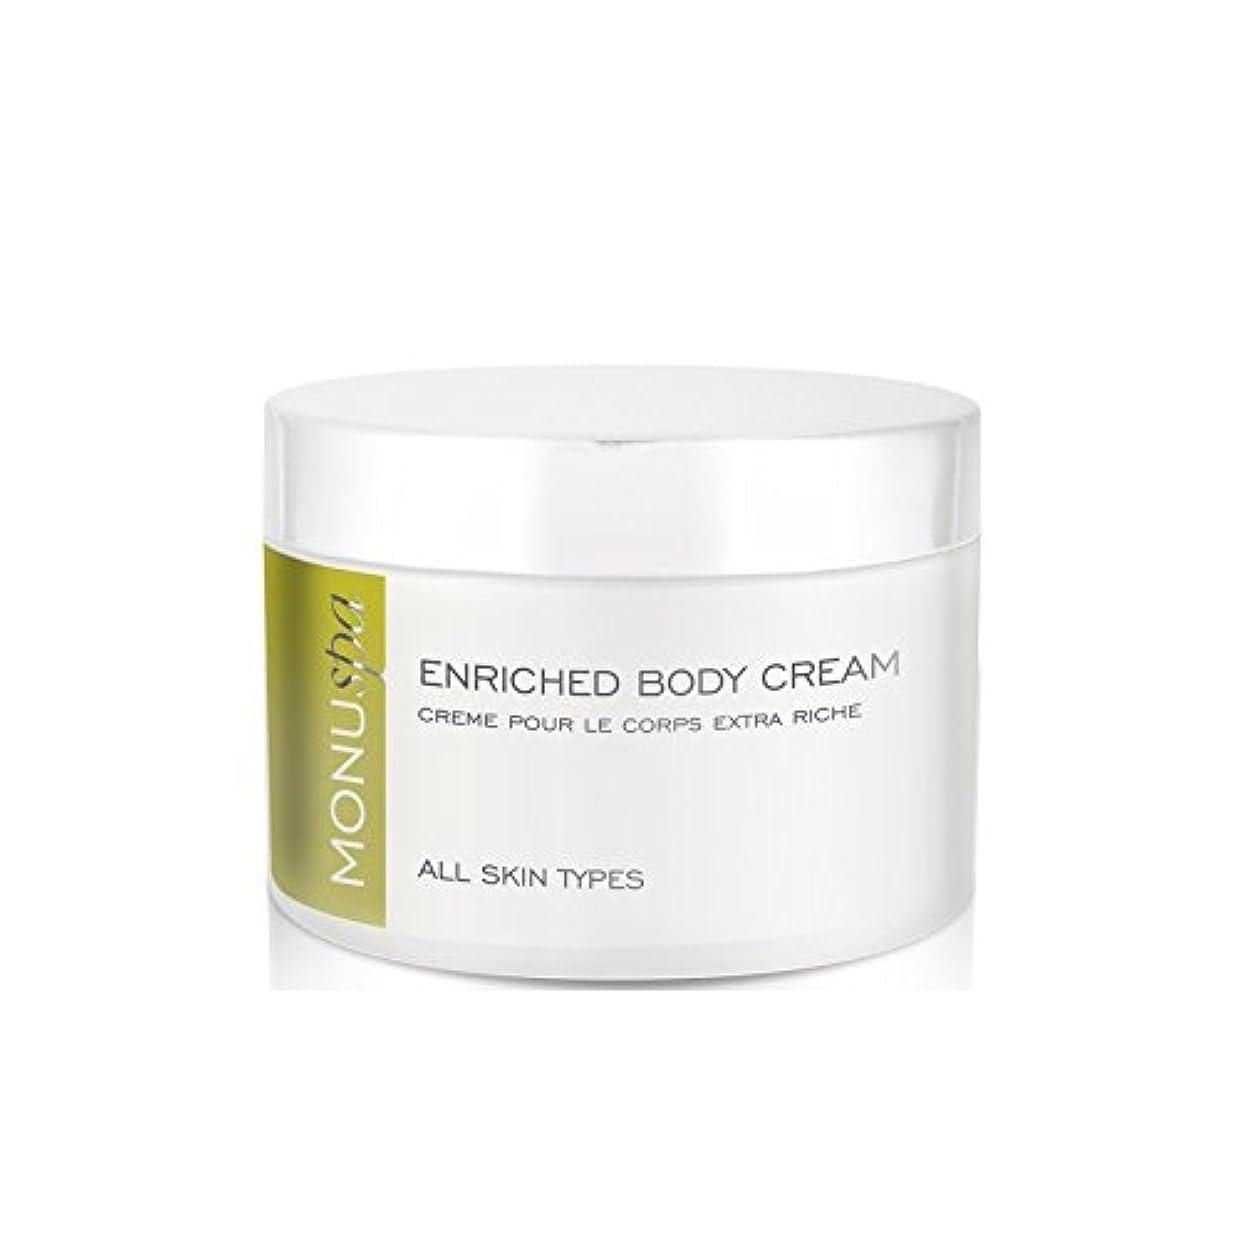 八スライム移住する濃縮ボディクリーム200ミリリットル x2 - MONUspa Enriched Body Cream 200ml (Pack of 2) [並行輸入品]